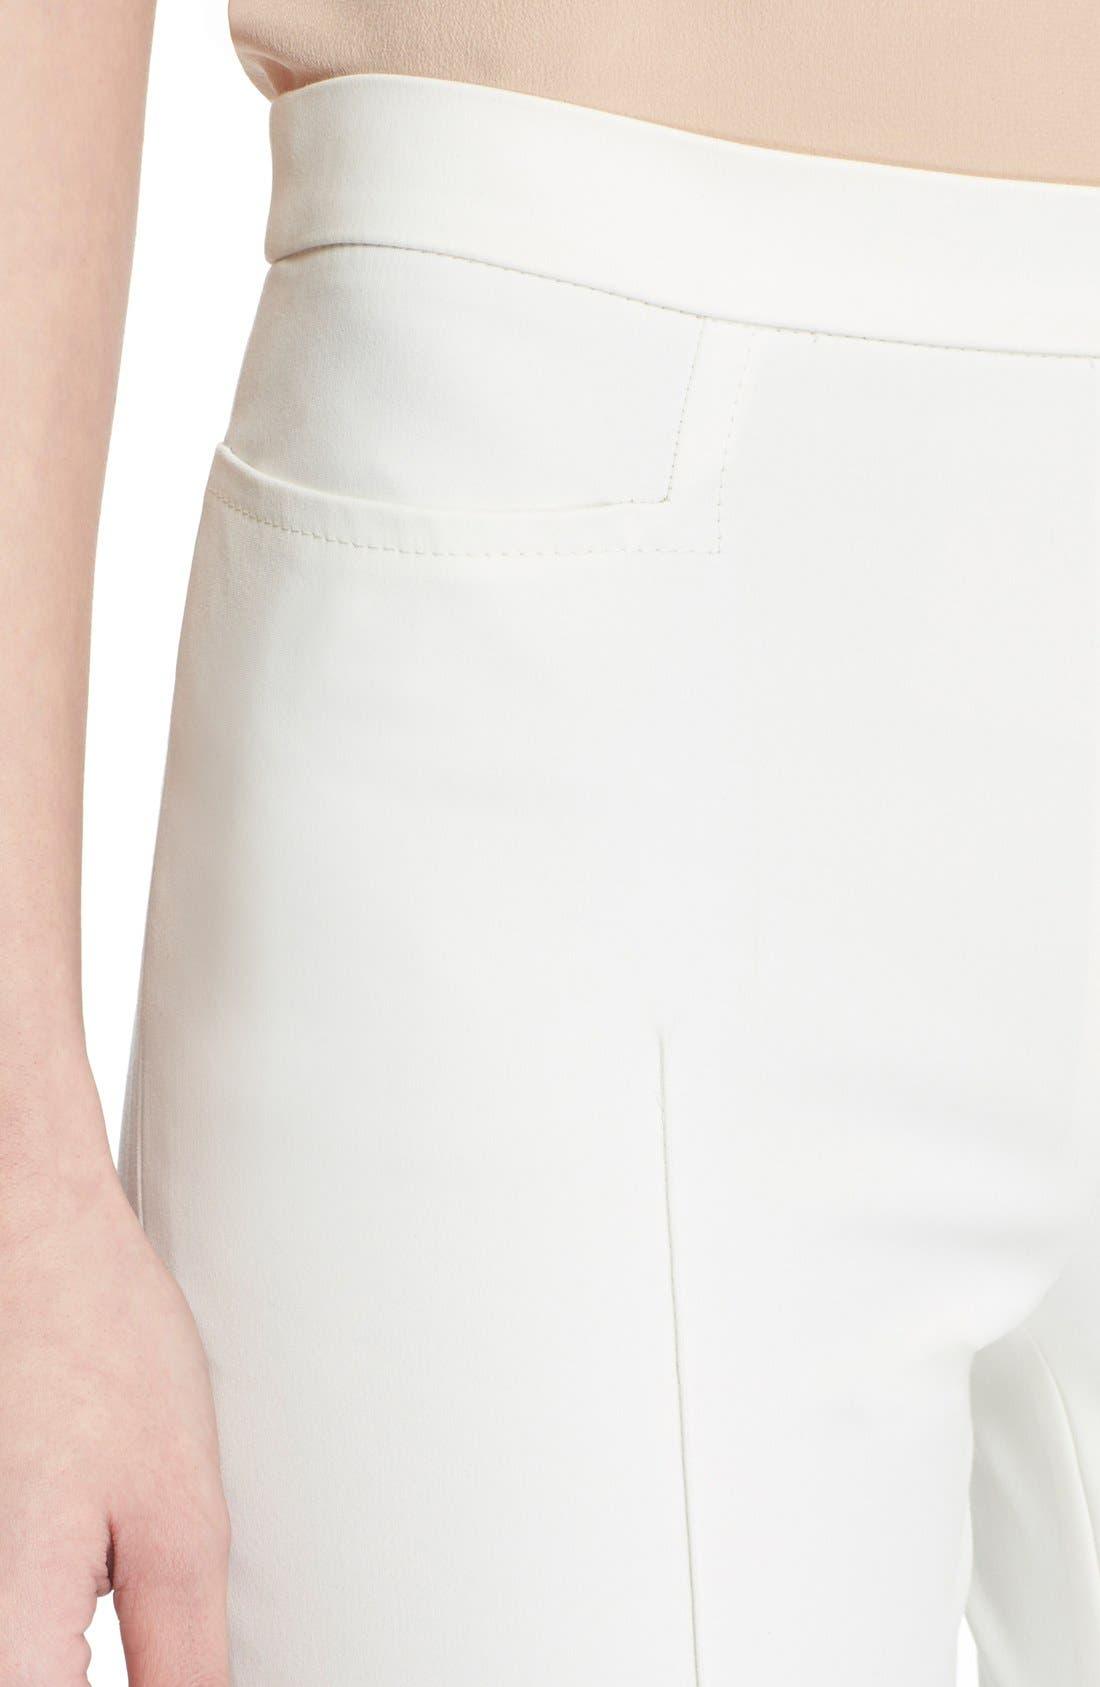 'Franca' Techno Cotton Blend Ankle Pants,                             Alternate thumbnail 10, color,                             ECRU